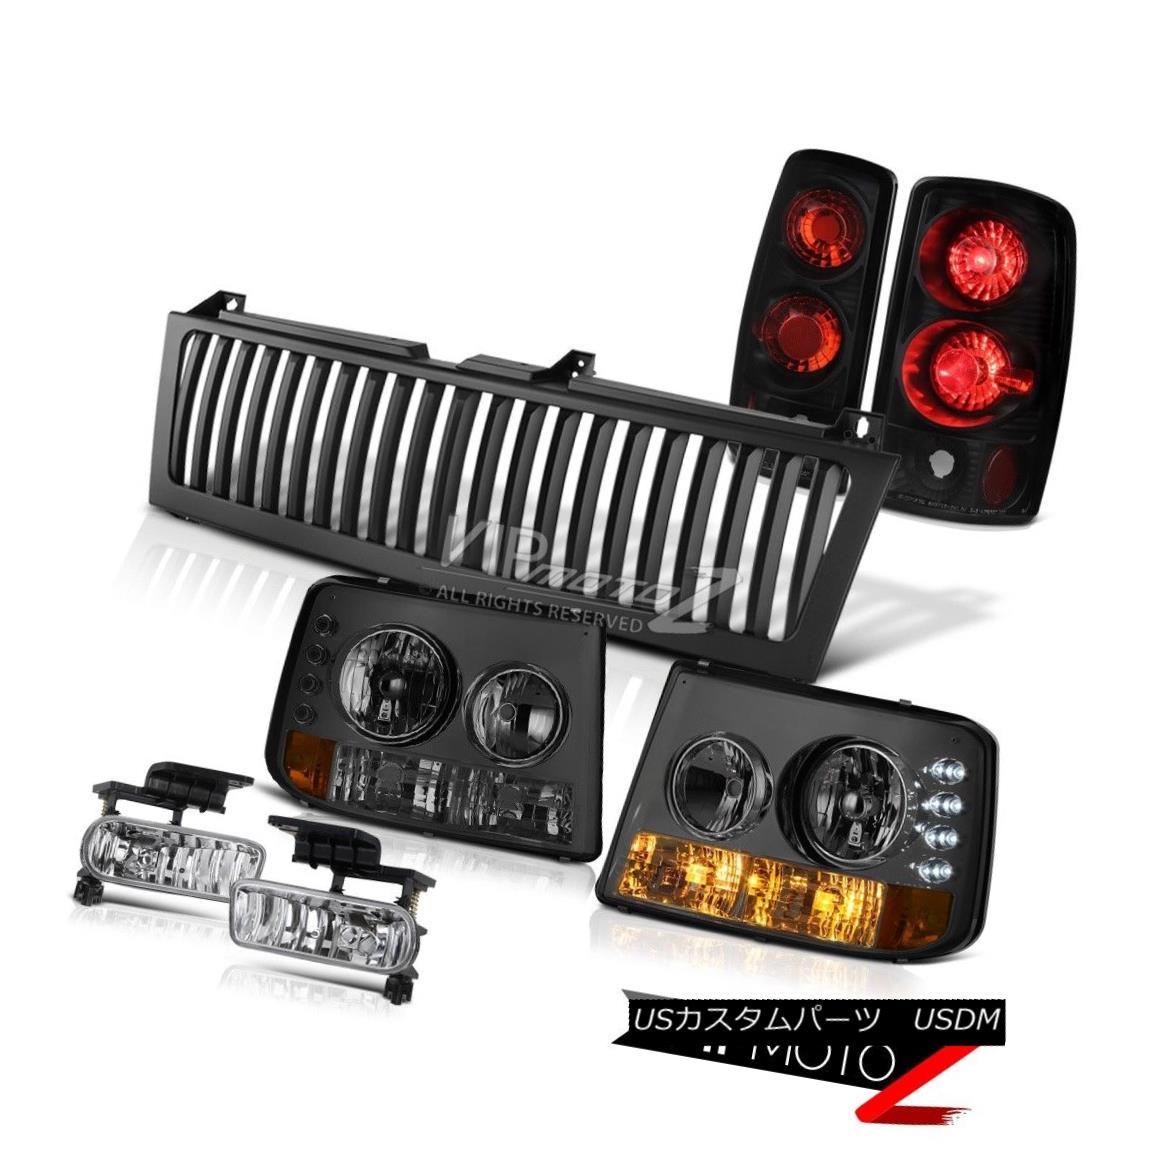 ヘッドライト Bumper+Headlamp Taillight Sterling Chrome Fog Grille 2000 01 02 03 Suburban 6.0L バンパー+ヘッドラム pテイルライトスターリングクロムフォググリル2000 01 02 03郊外6.0L